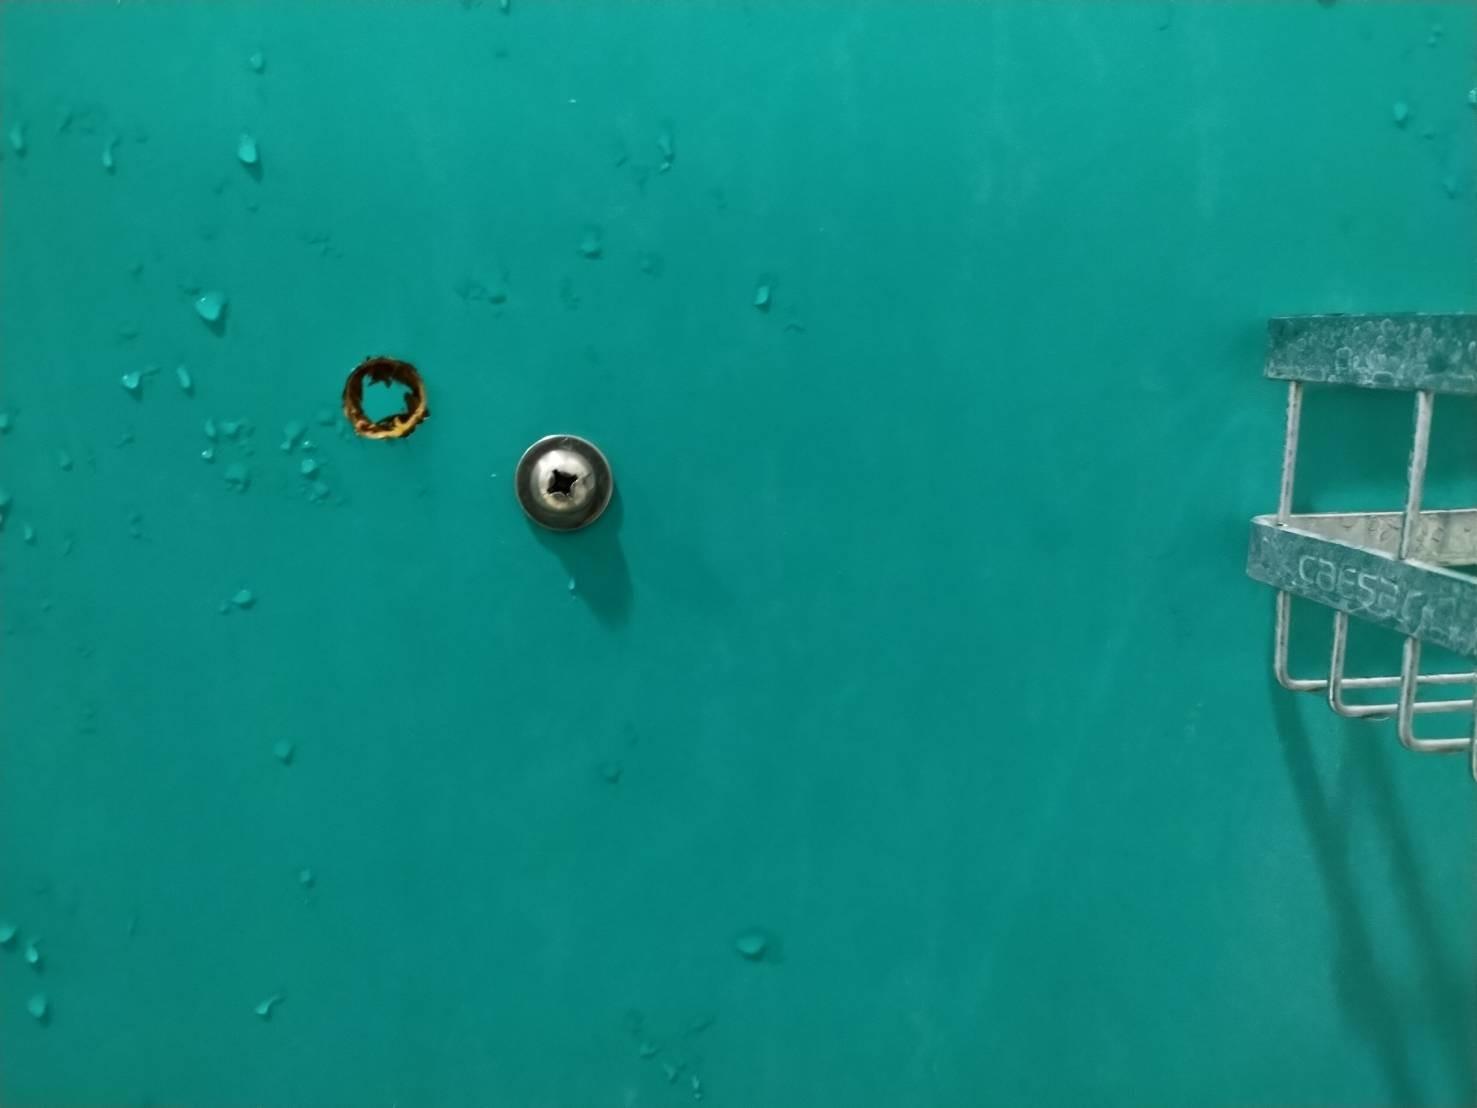 ▲▼運動中心淋浴隔板遭鑽孔 業者祭出懸賞抓賊。(圖/翻攝新竹市竹光國民運動中心)